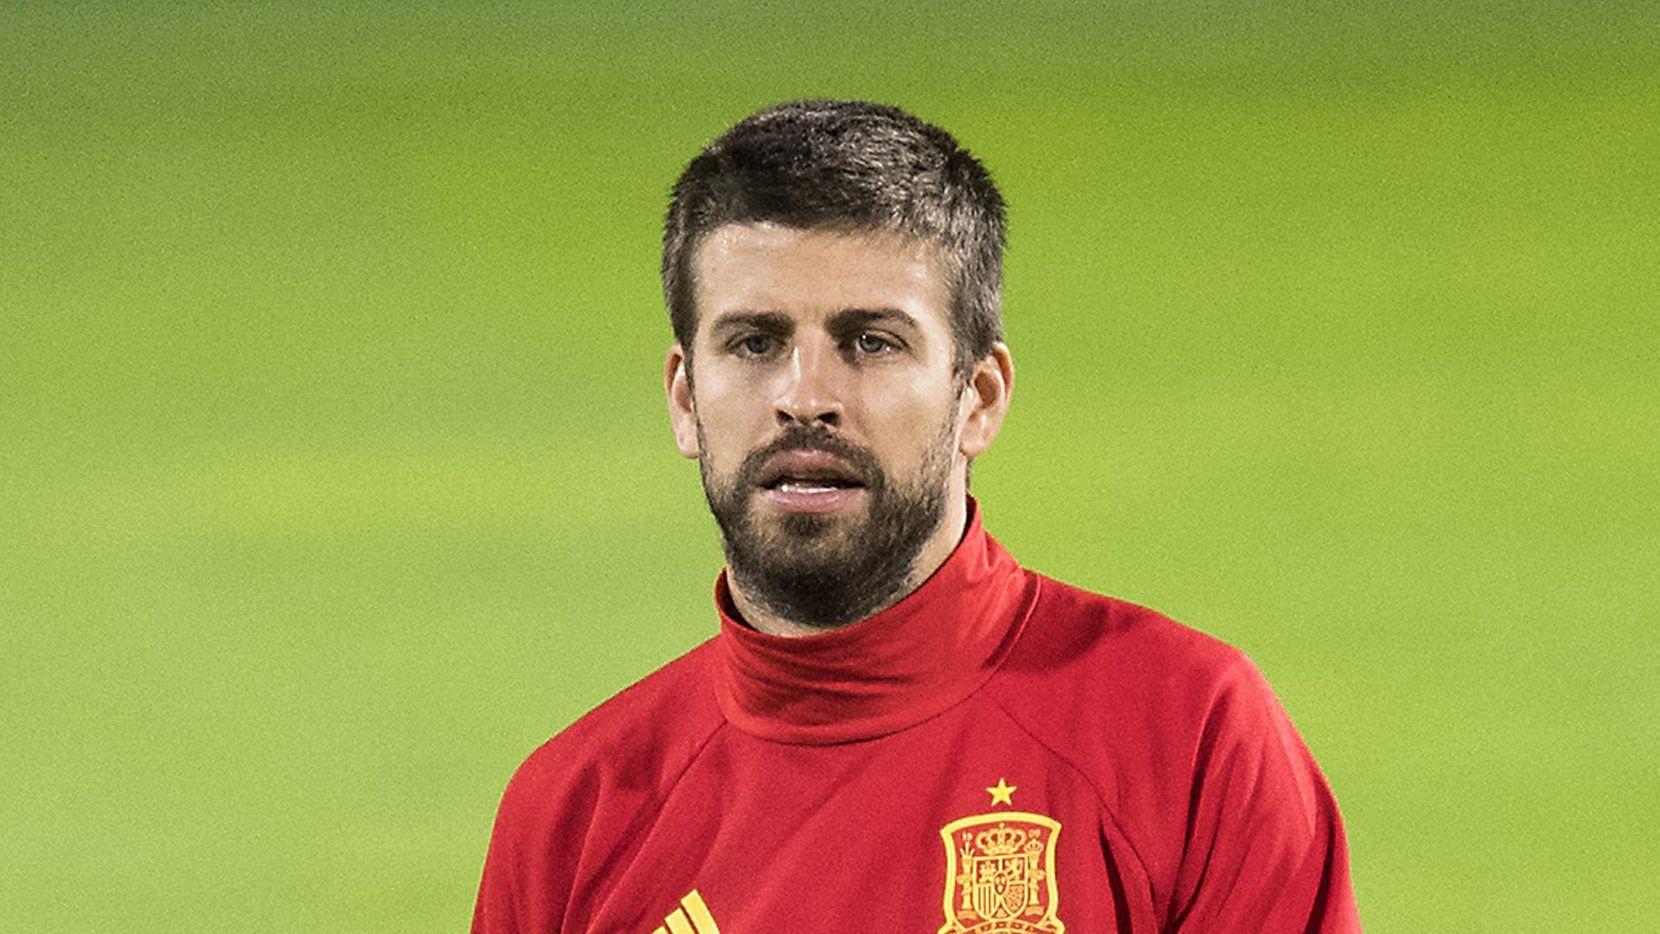 El catalán Gerard Piqué juega con la selección española pero apoya la independencia de Cataluña. (AP/Gian Ehrenzeller)